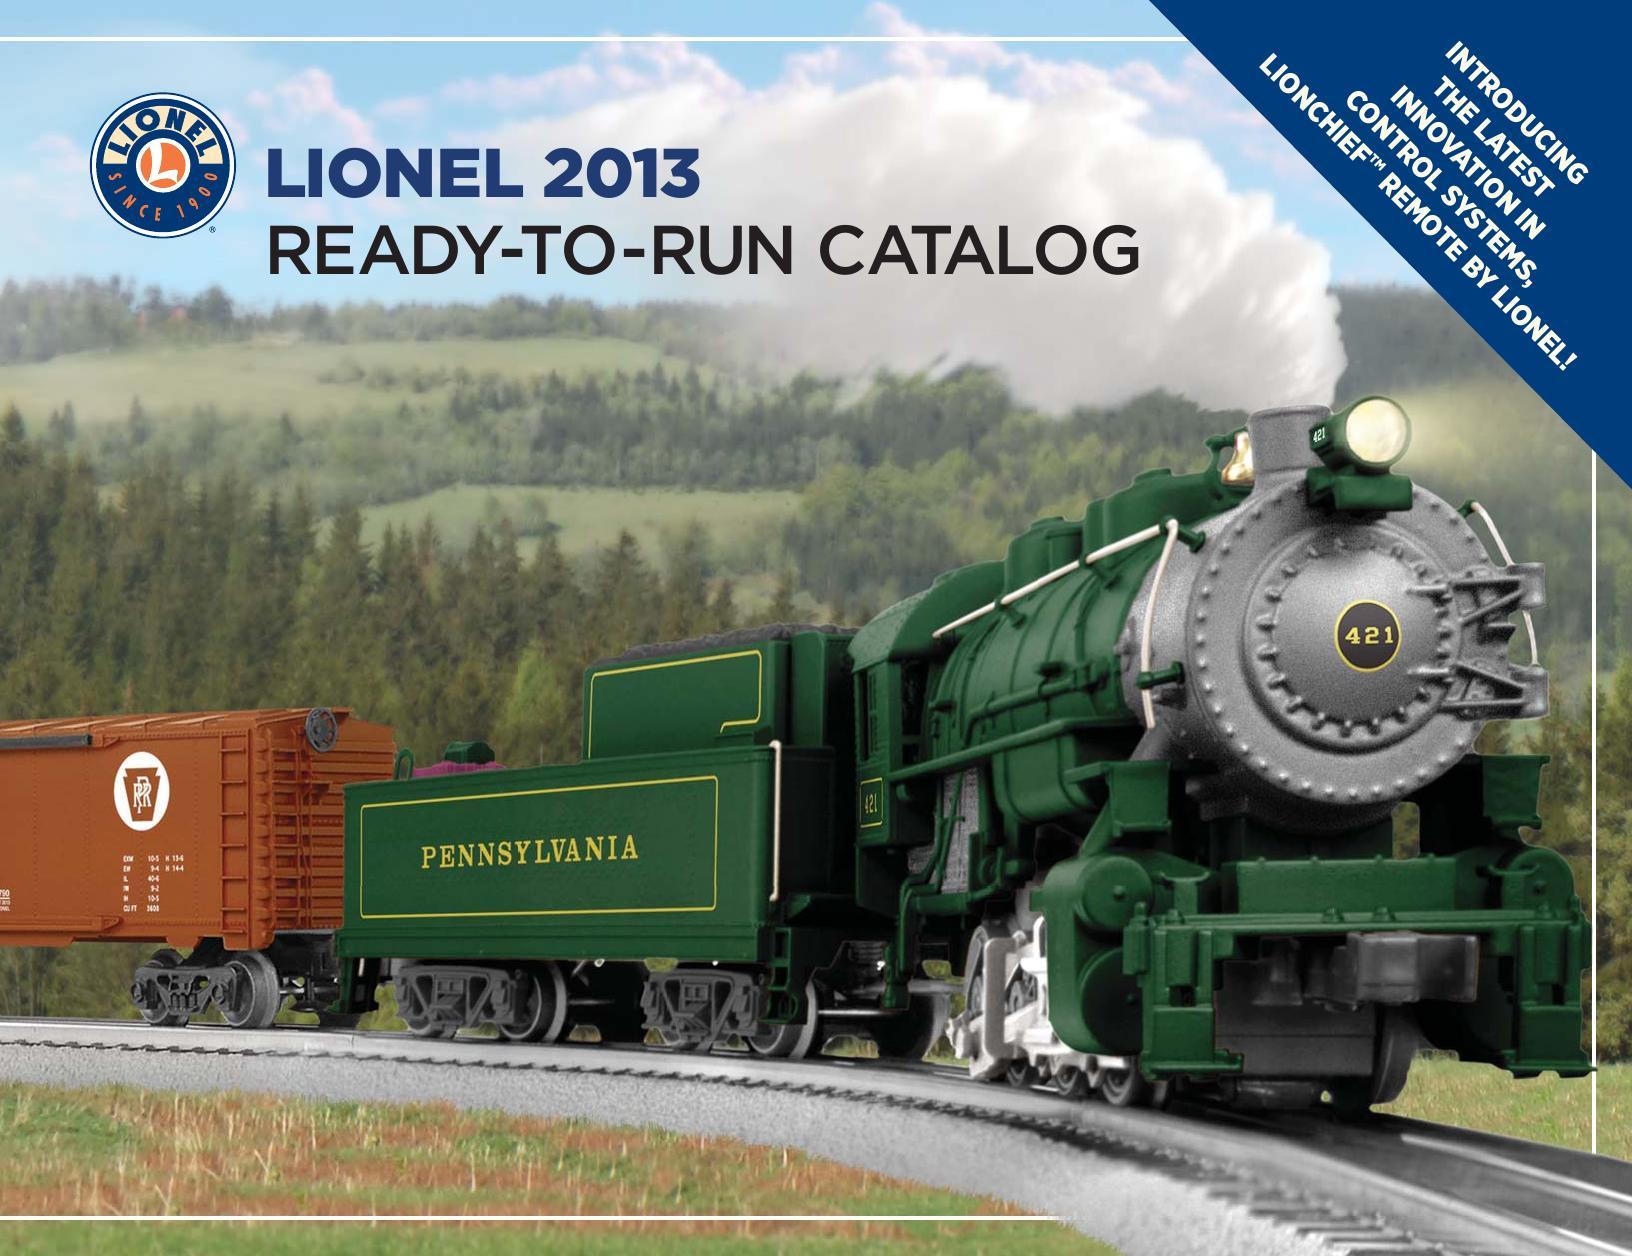 Lionel Catalogs - Ready To Run 2013